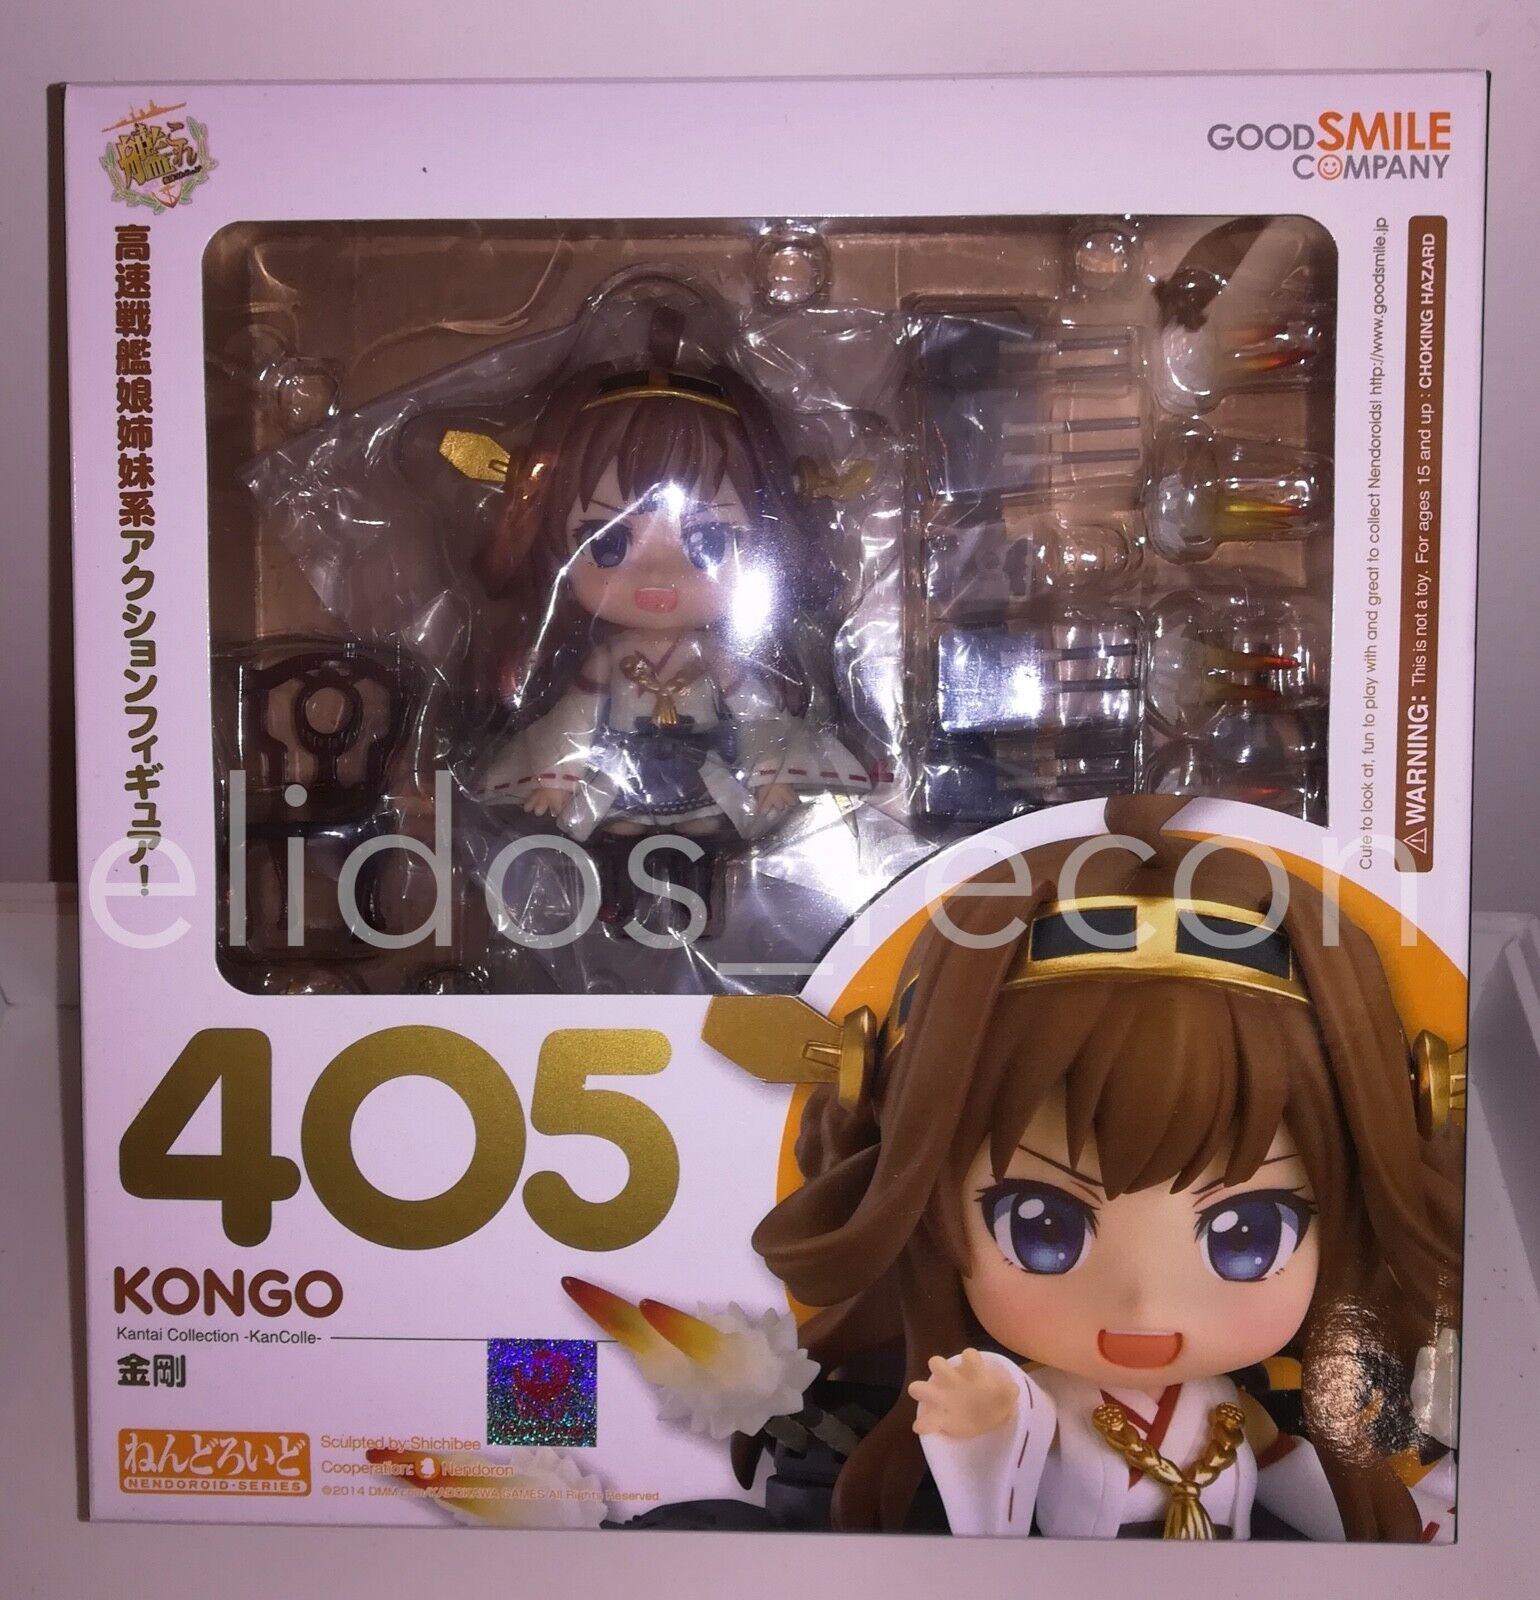 Kantai Collection Kan Colle Kongou Kongo Nendoroid Nendoroid Nendoroid  405 Good Smile Company PVC eb4307